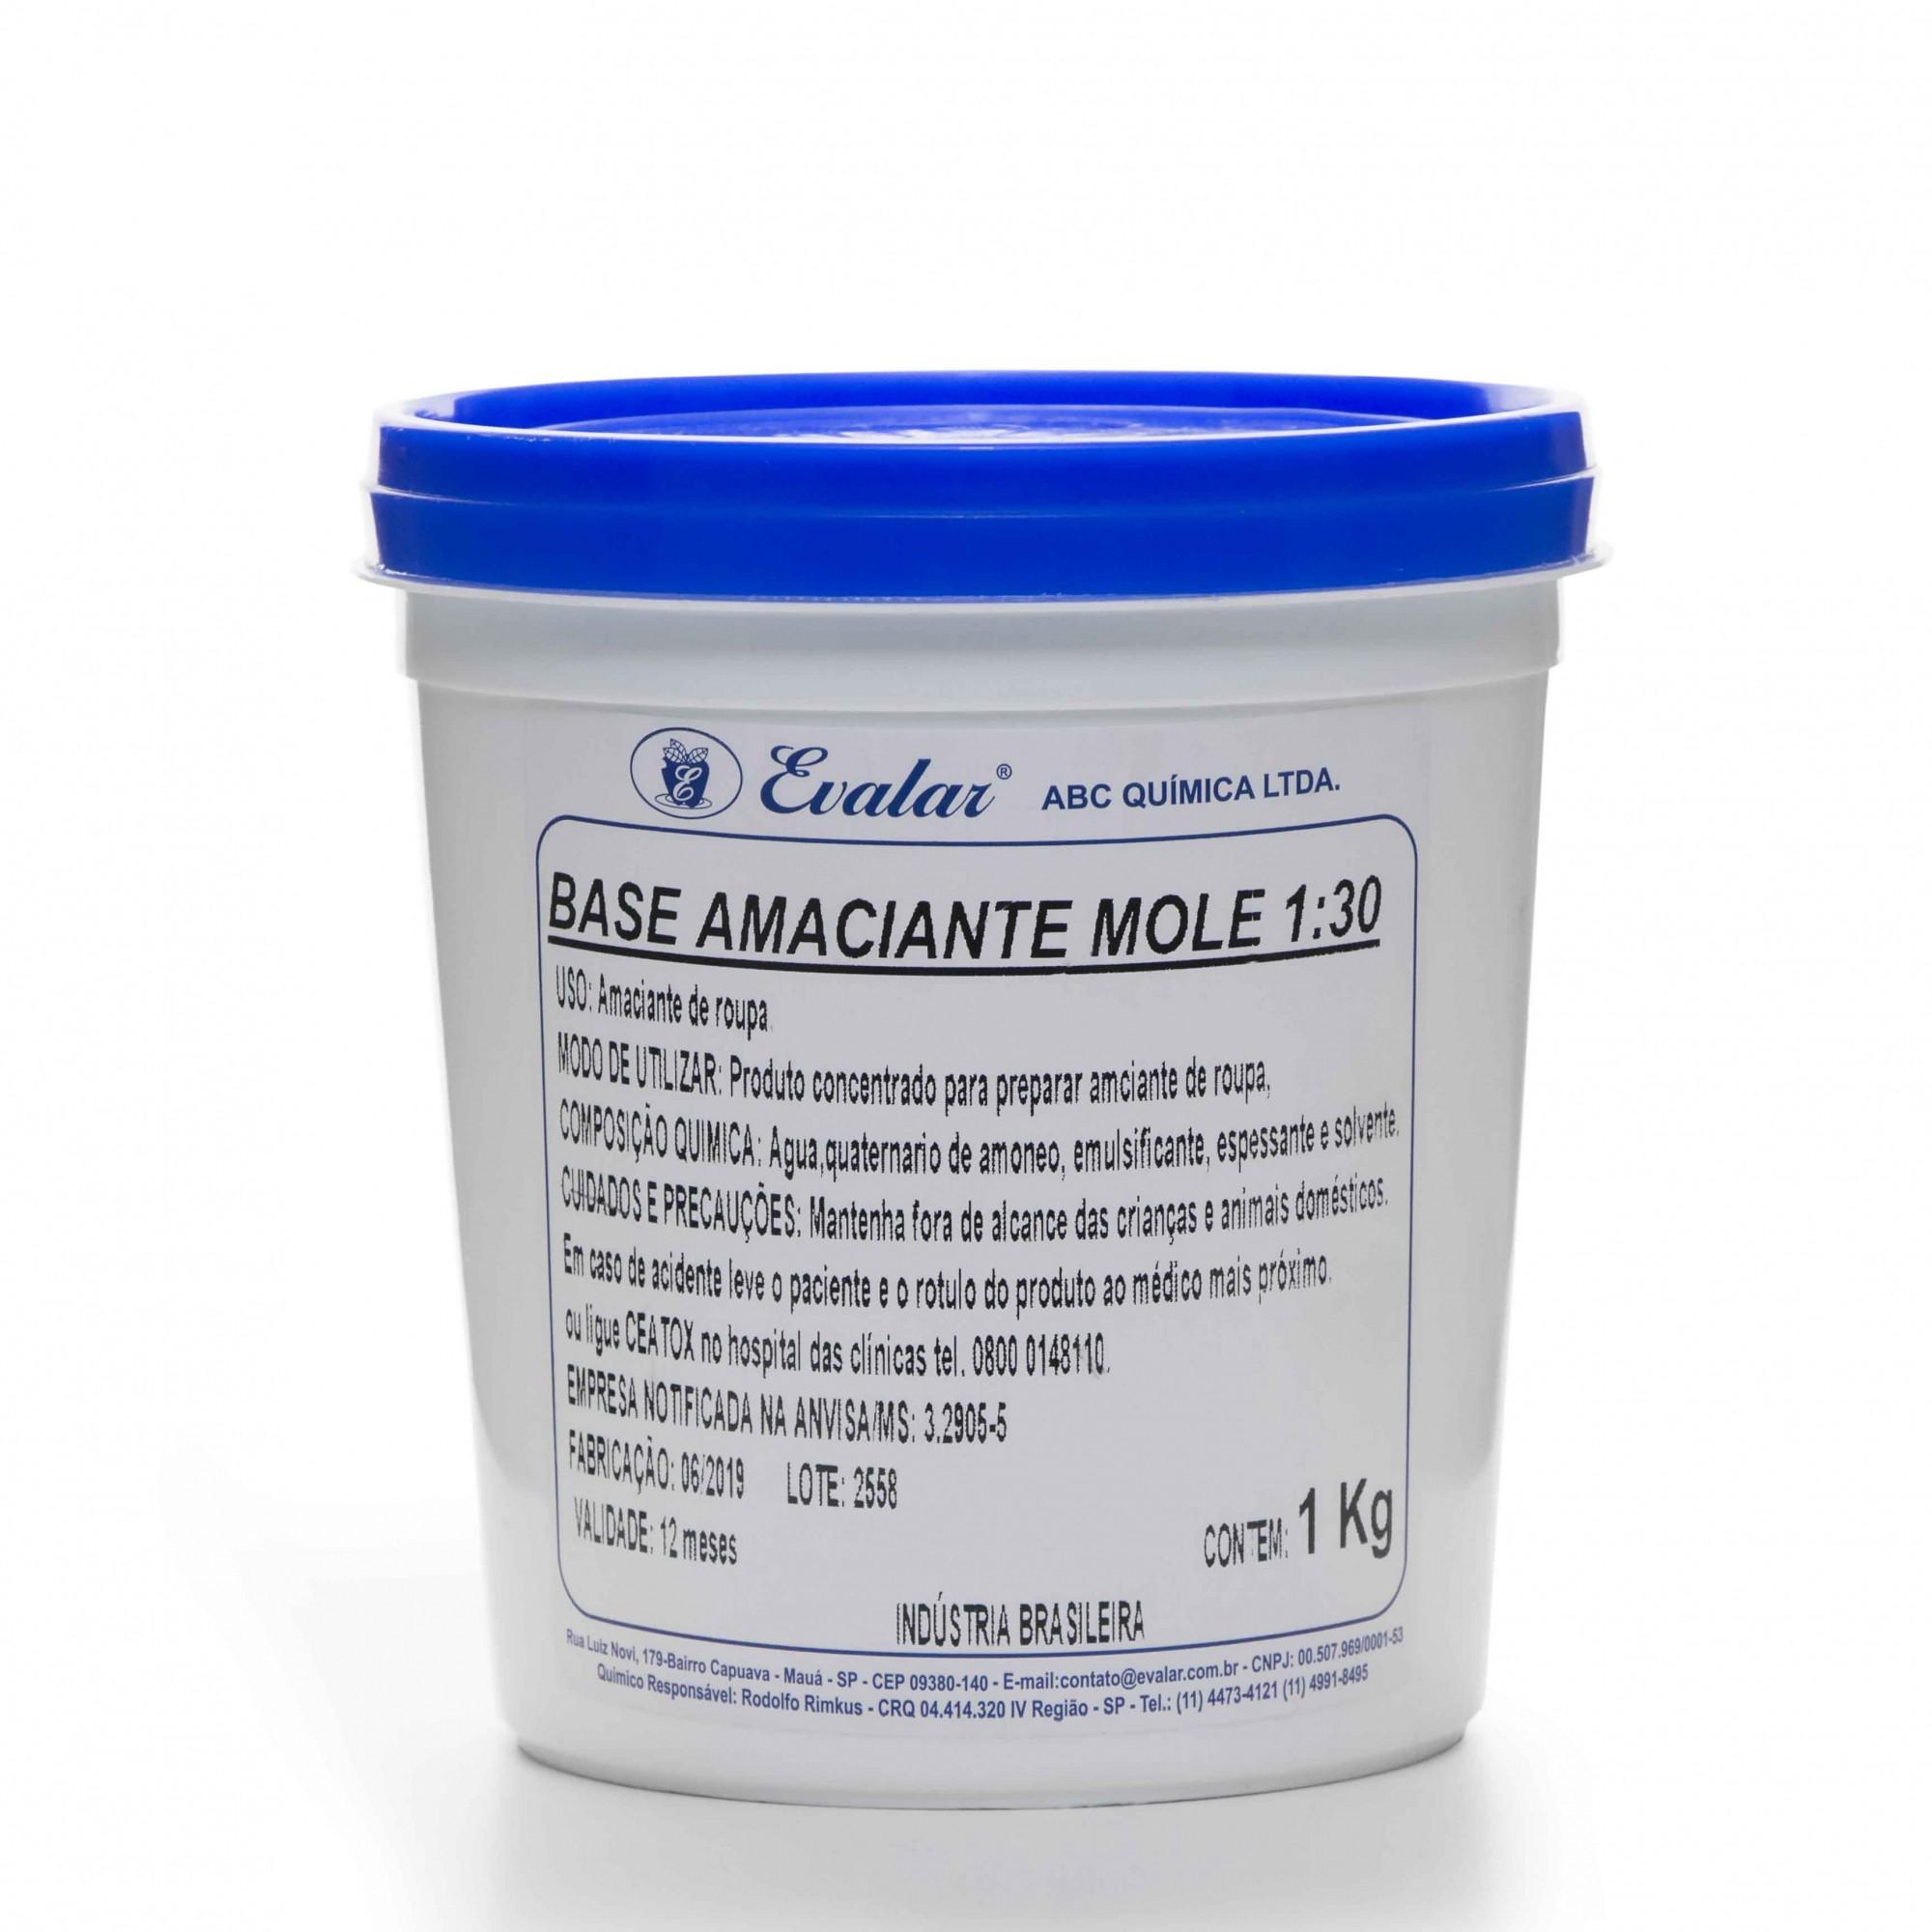 BASE AMACIANTE MOLE 1/30-KG